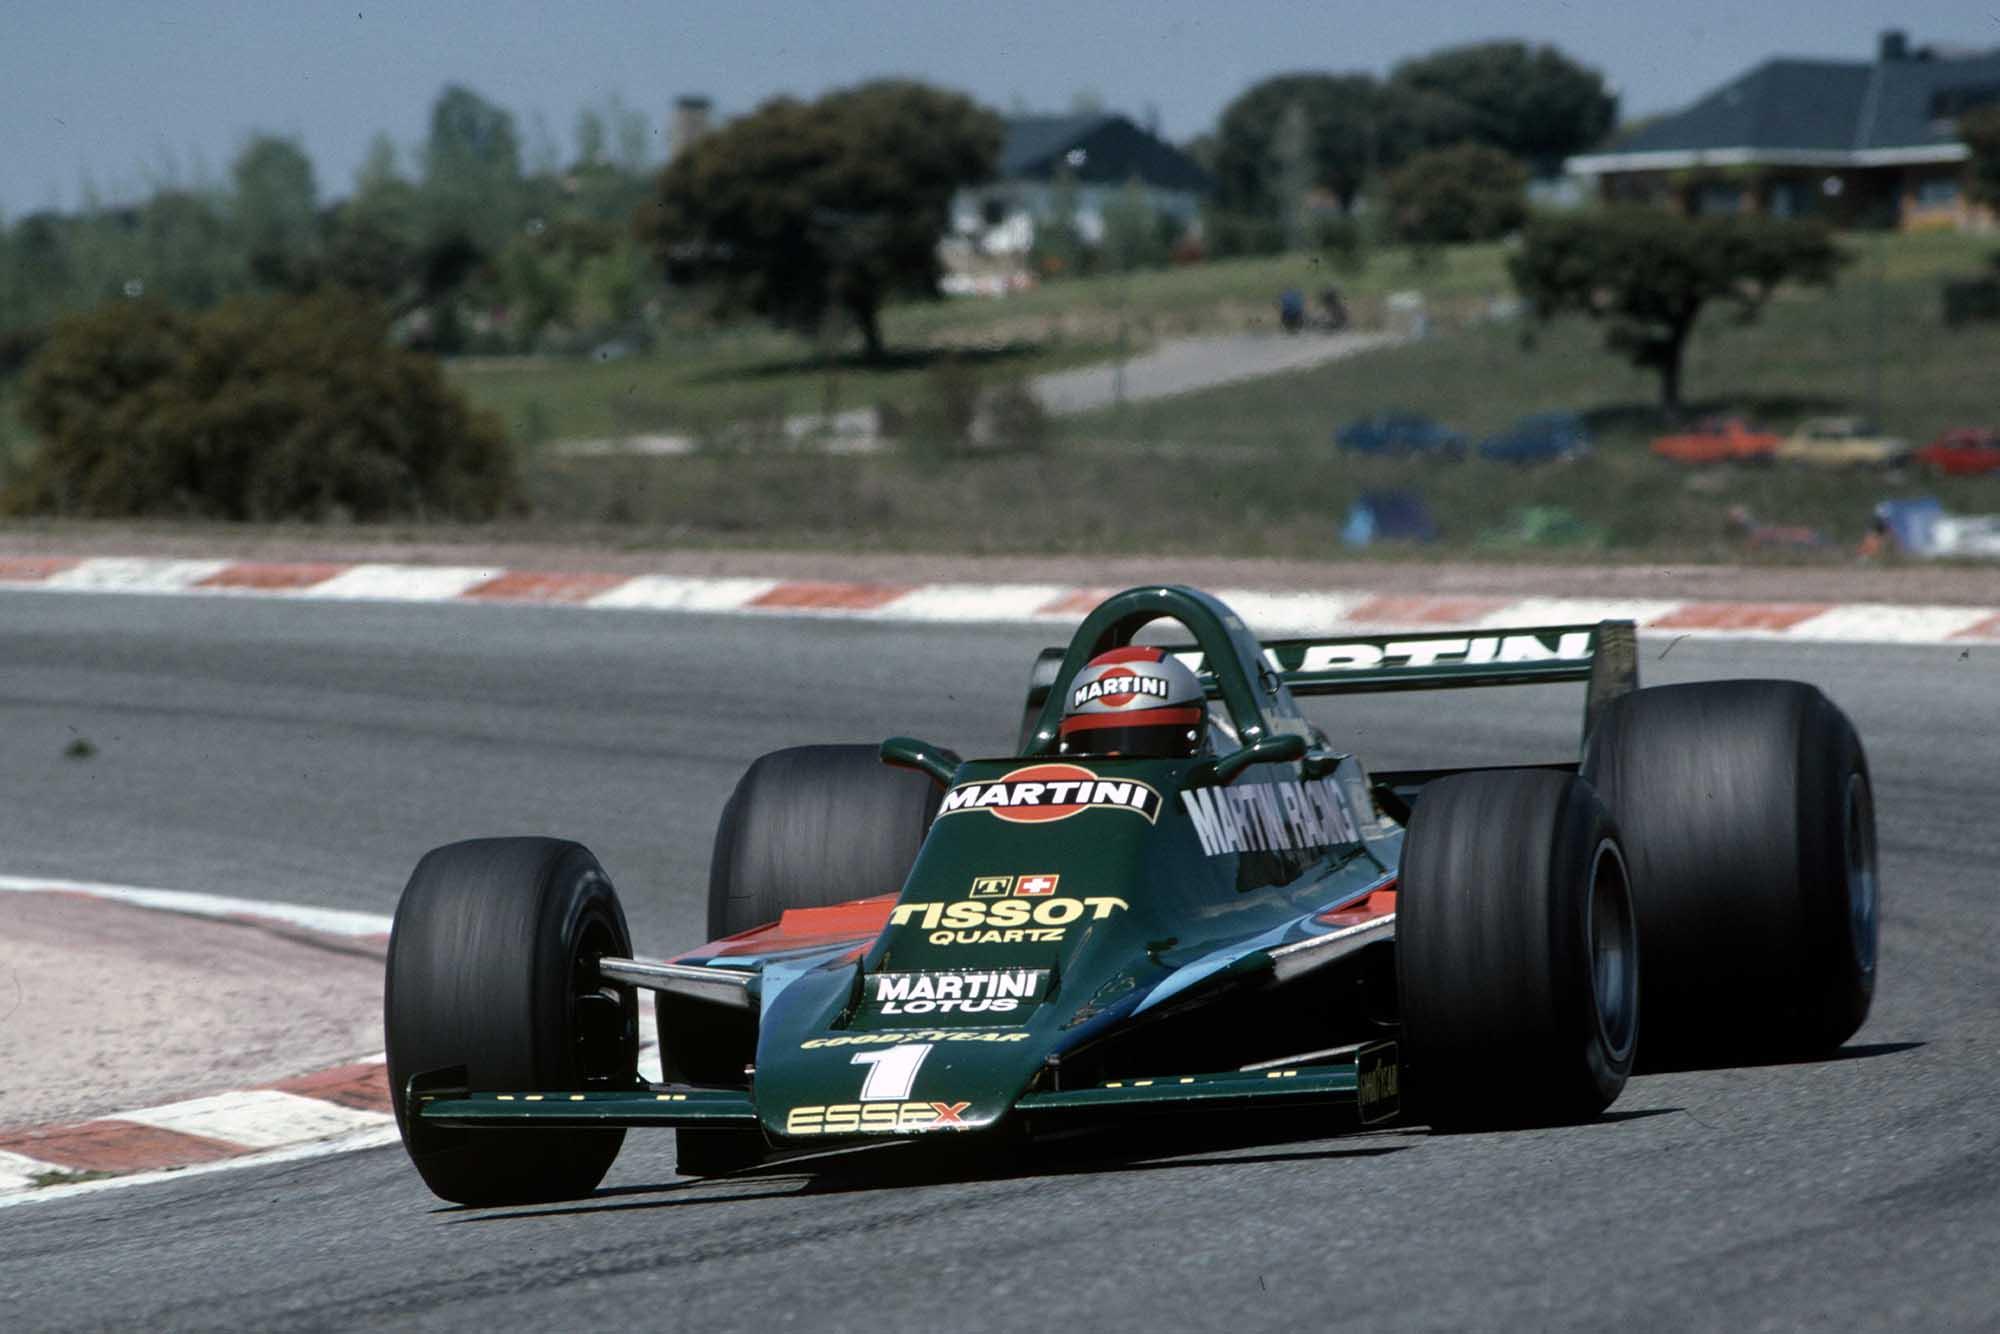 Mario Andretti drives at Spanish Grand Prix 1979